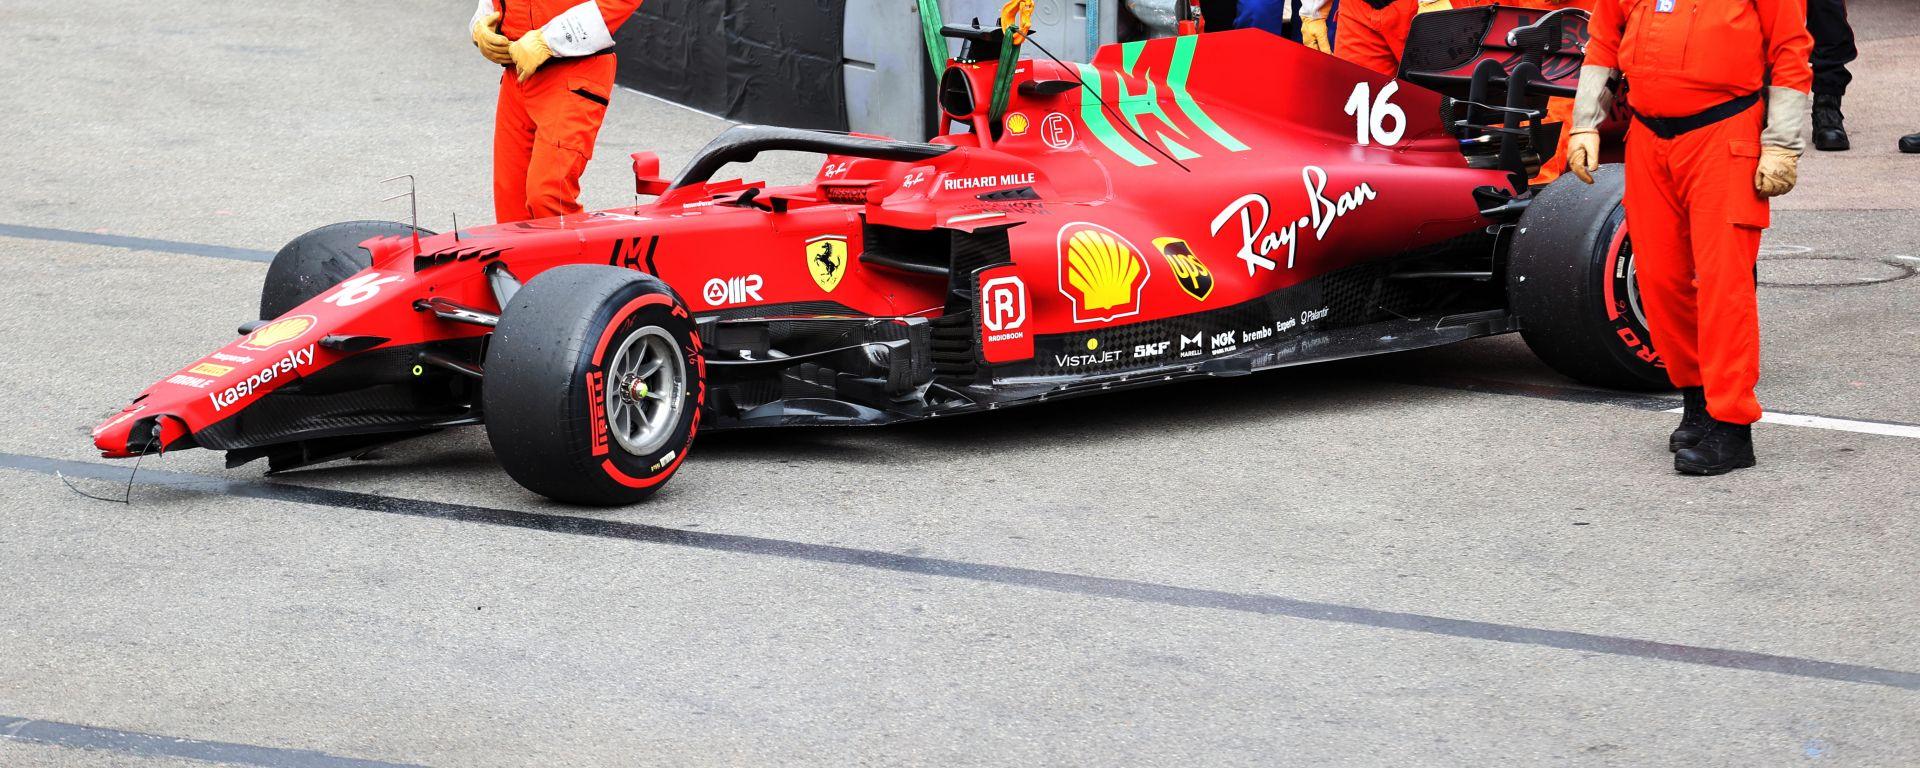 F1 GP Monaco 2021, Monte Carlo: la Ferrari SF21 di Charles Leclerc dopo l'incidente in Q3